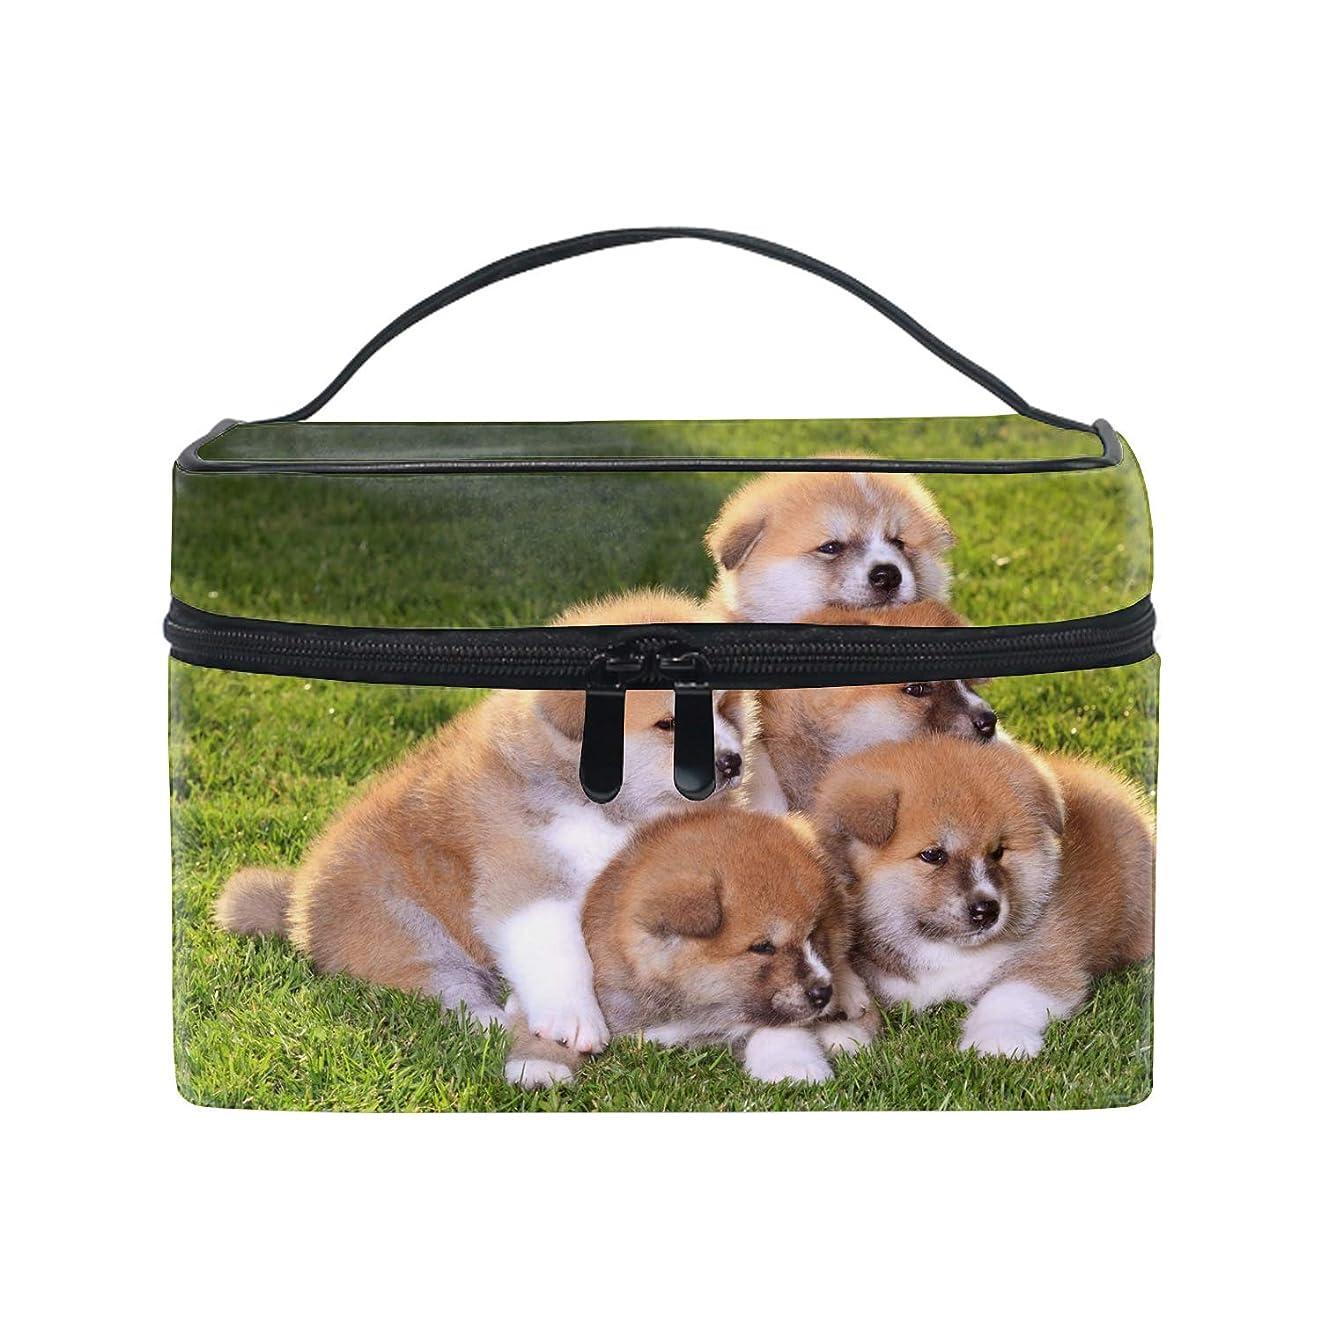 配管工暴力的なシンプルさ収納バッグ 化粧ポーチ レディース 多機能 大容量 防水秋田子犬小型犬草